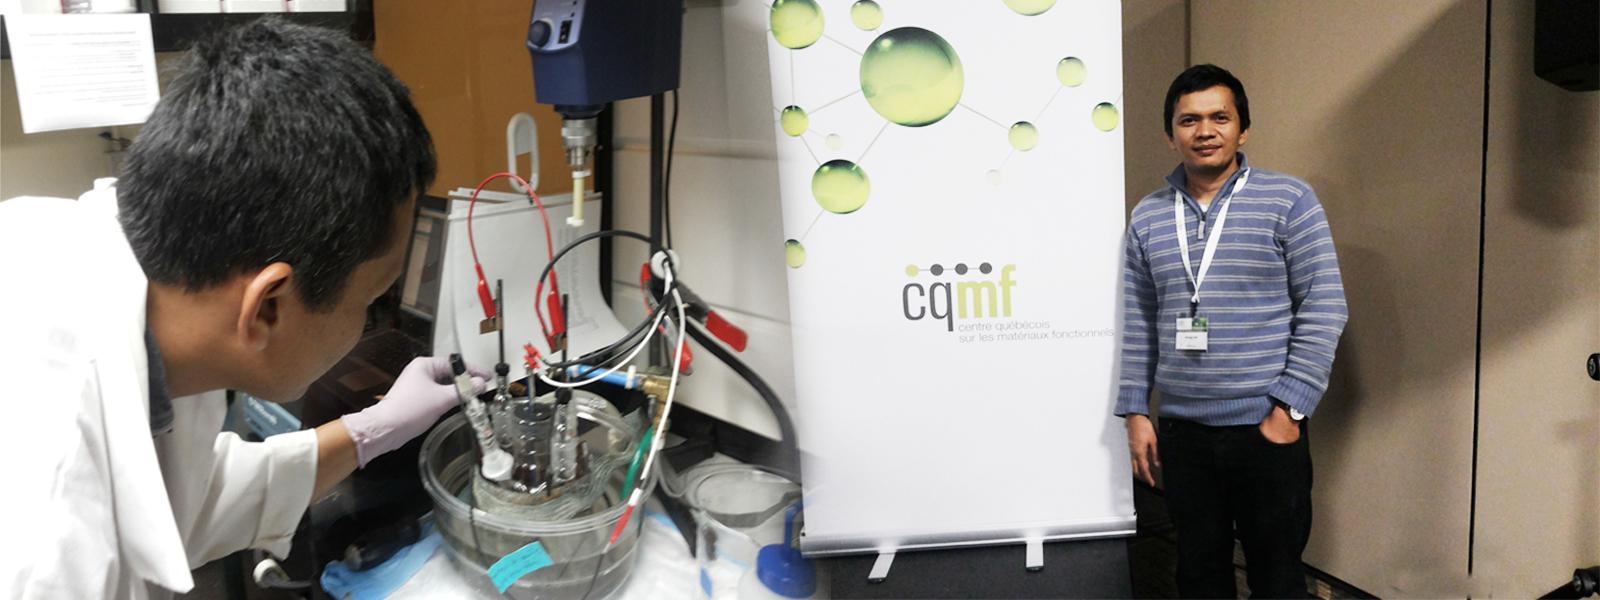 Nandang Mufti, S.Si., M.T, Ph.D, sedang menguji hasil temuannya di Laboratorium